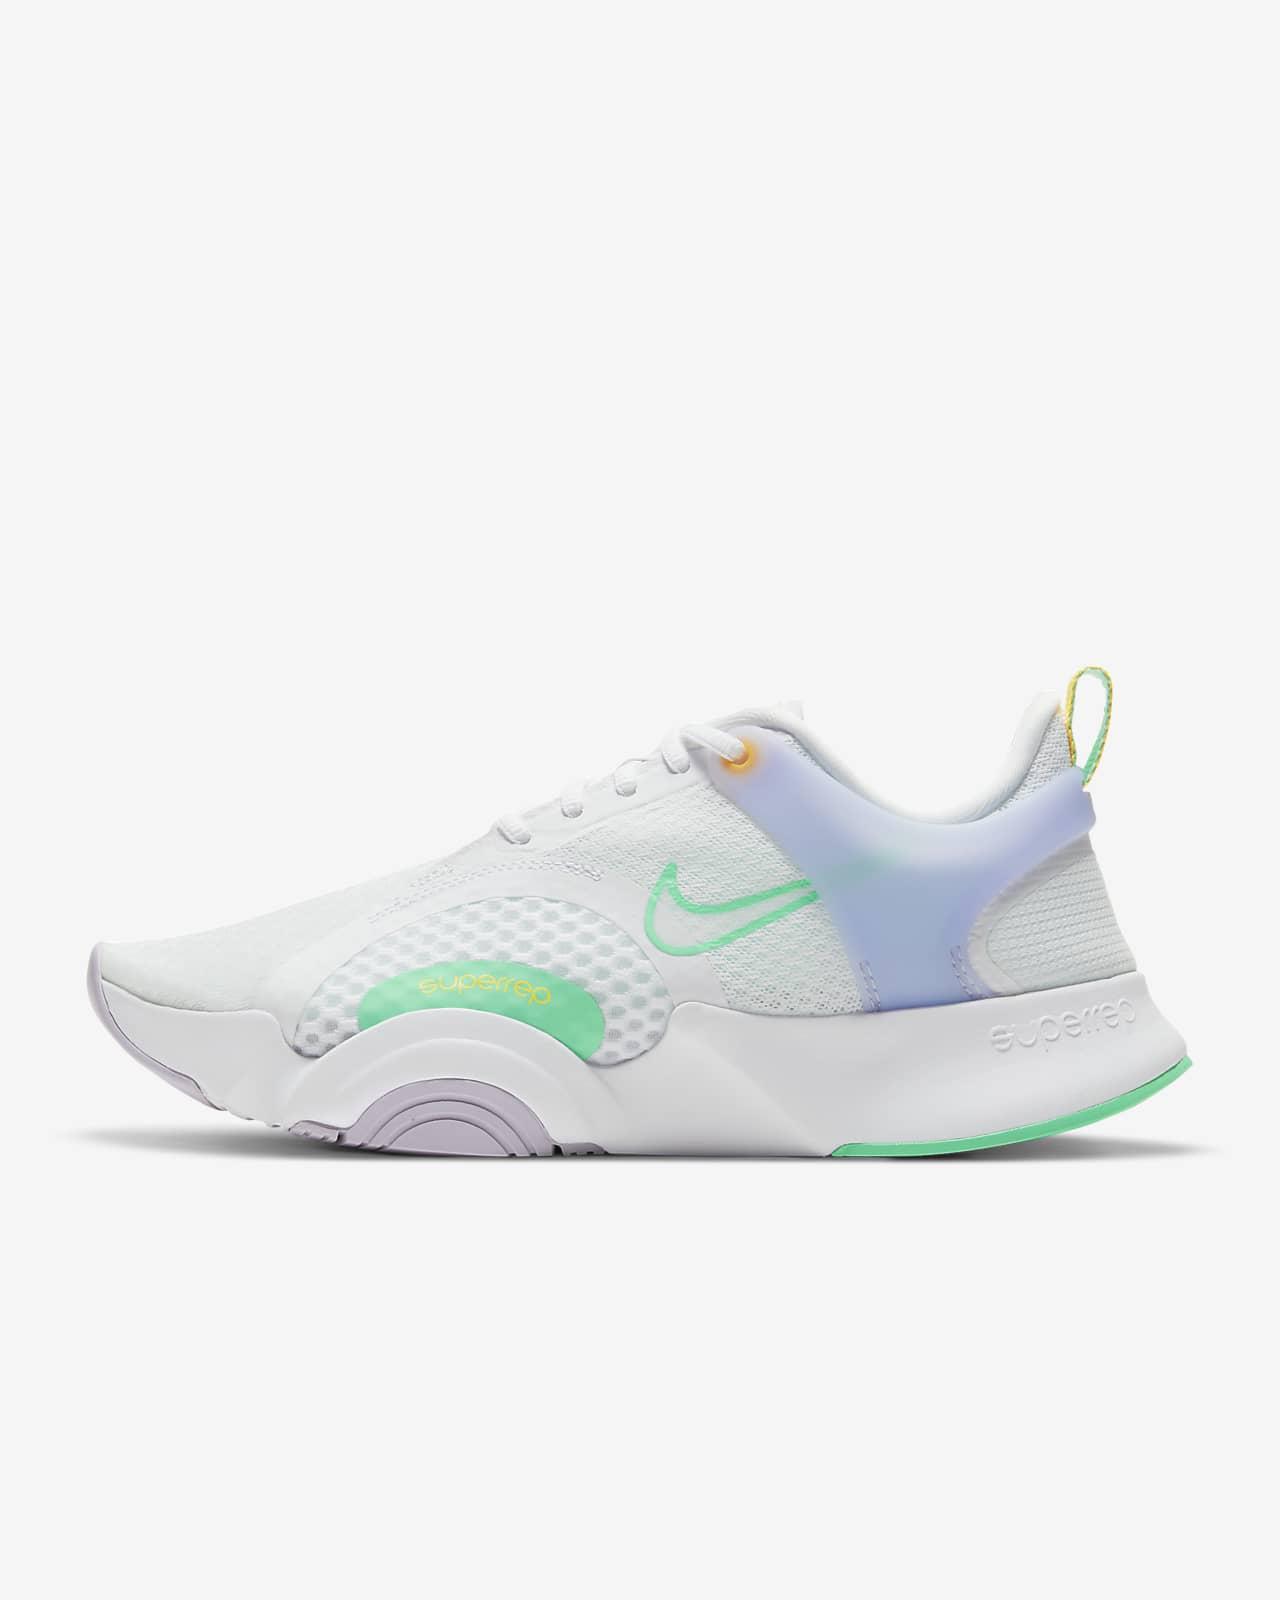 รองเท้าเทรนนิ่งผู้หญิง Nike SuperRep Go 2